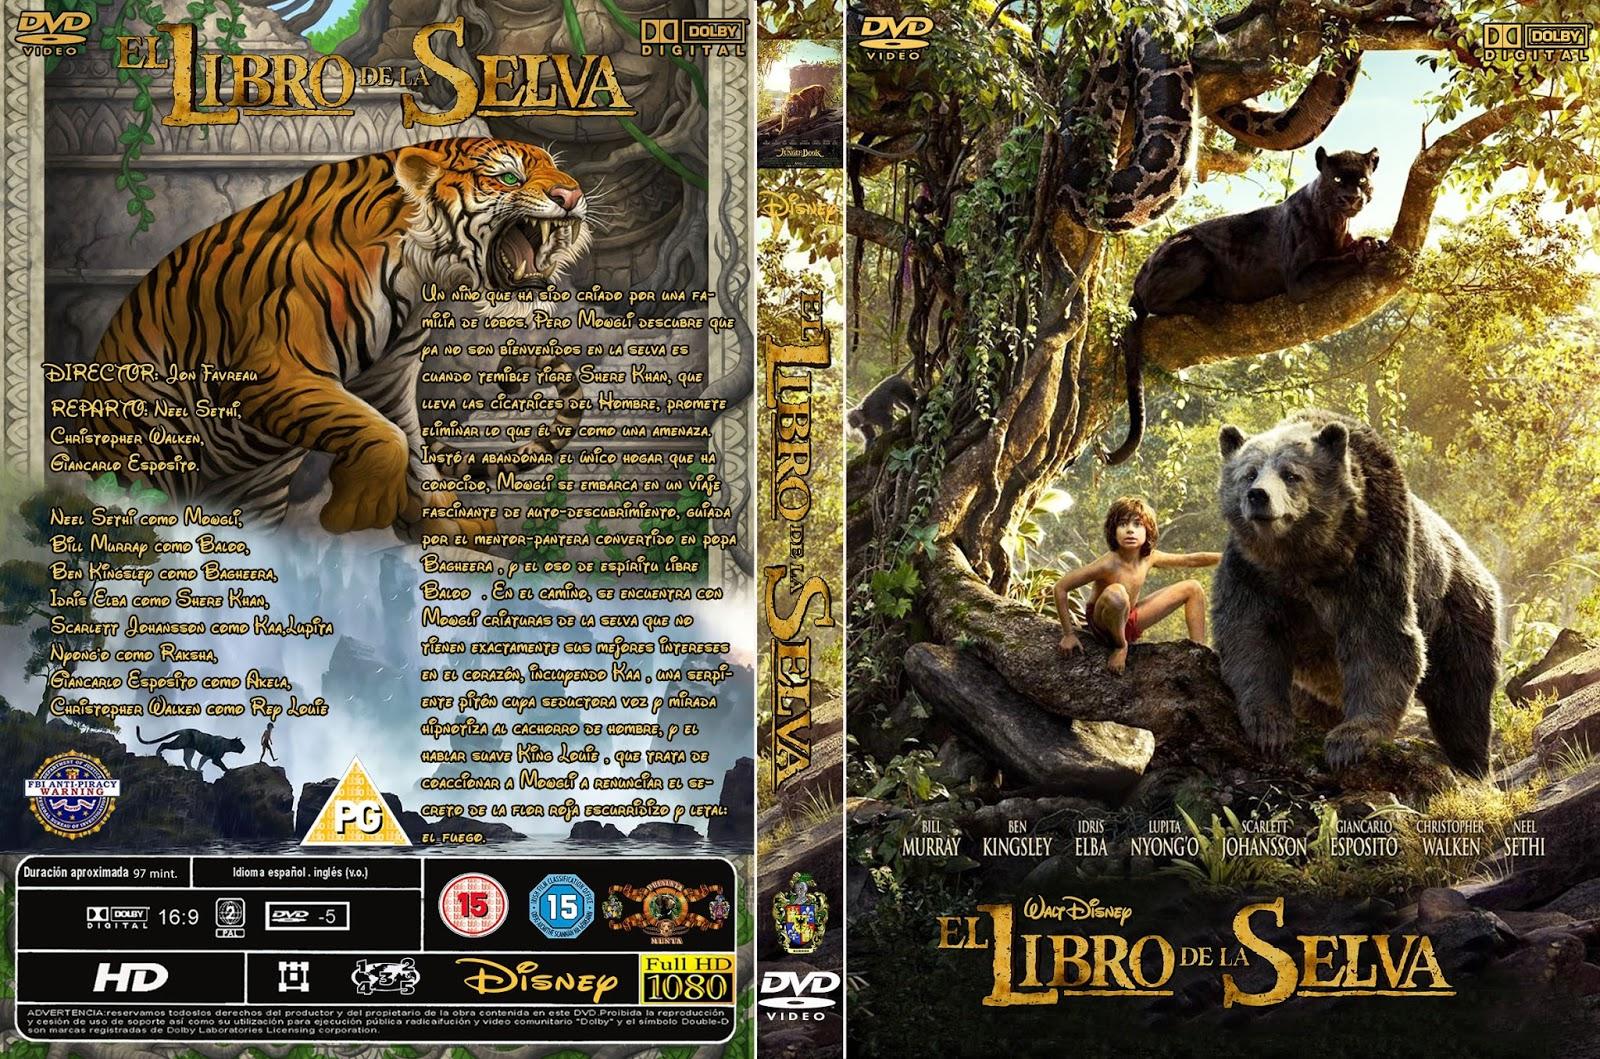 Jungle book movie poster original